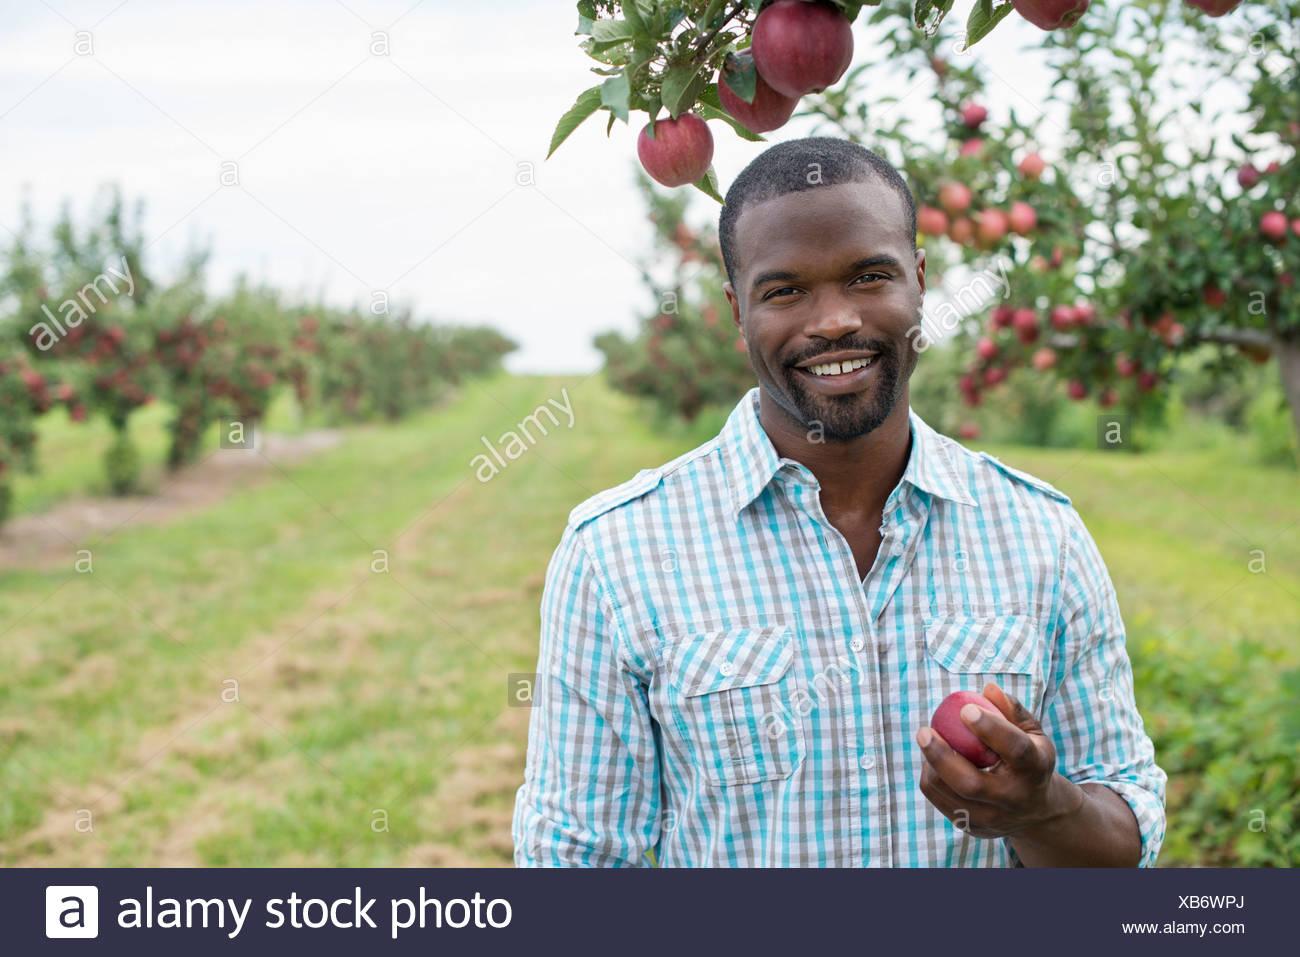 Ein Bio-Apfel-Baum-Obstgarten. Ein Mann der Reife rote Äpfel pflücken. Stockbild